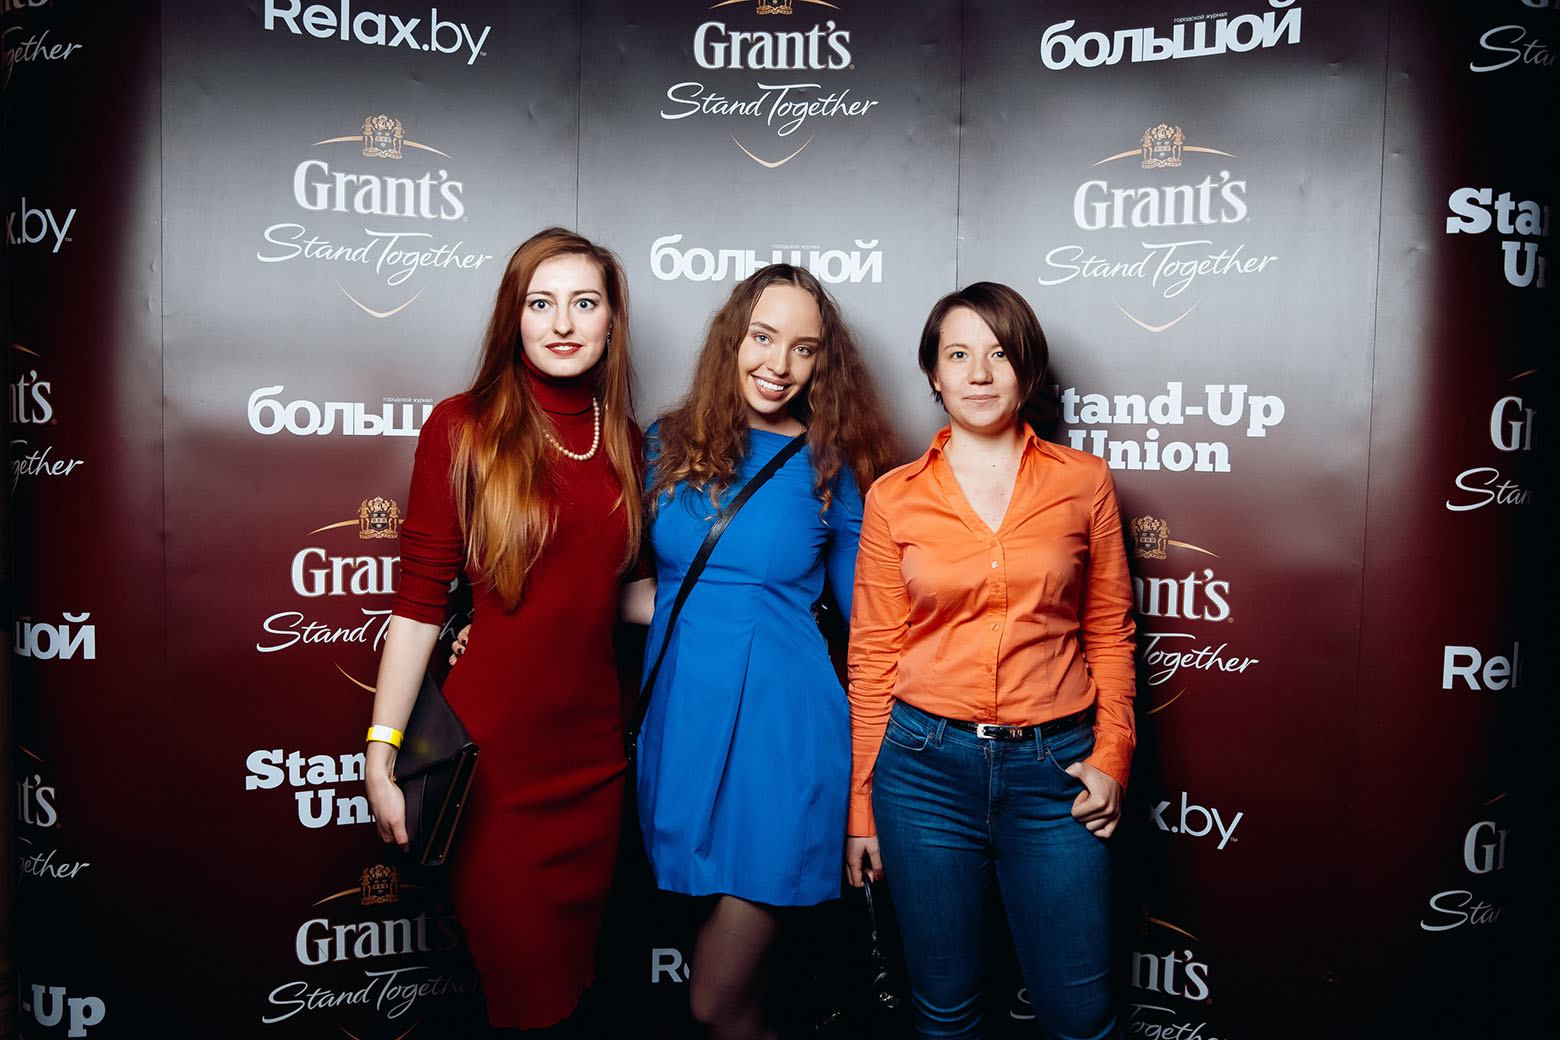 grants-battle-final-nowatermark-90